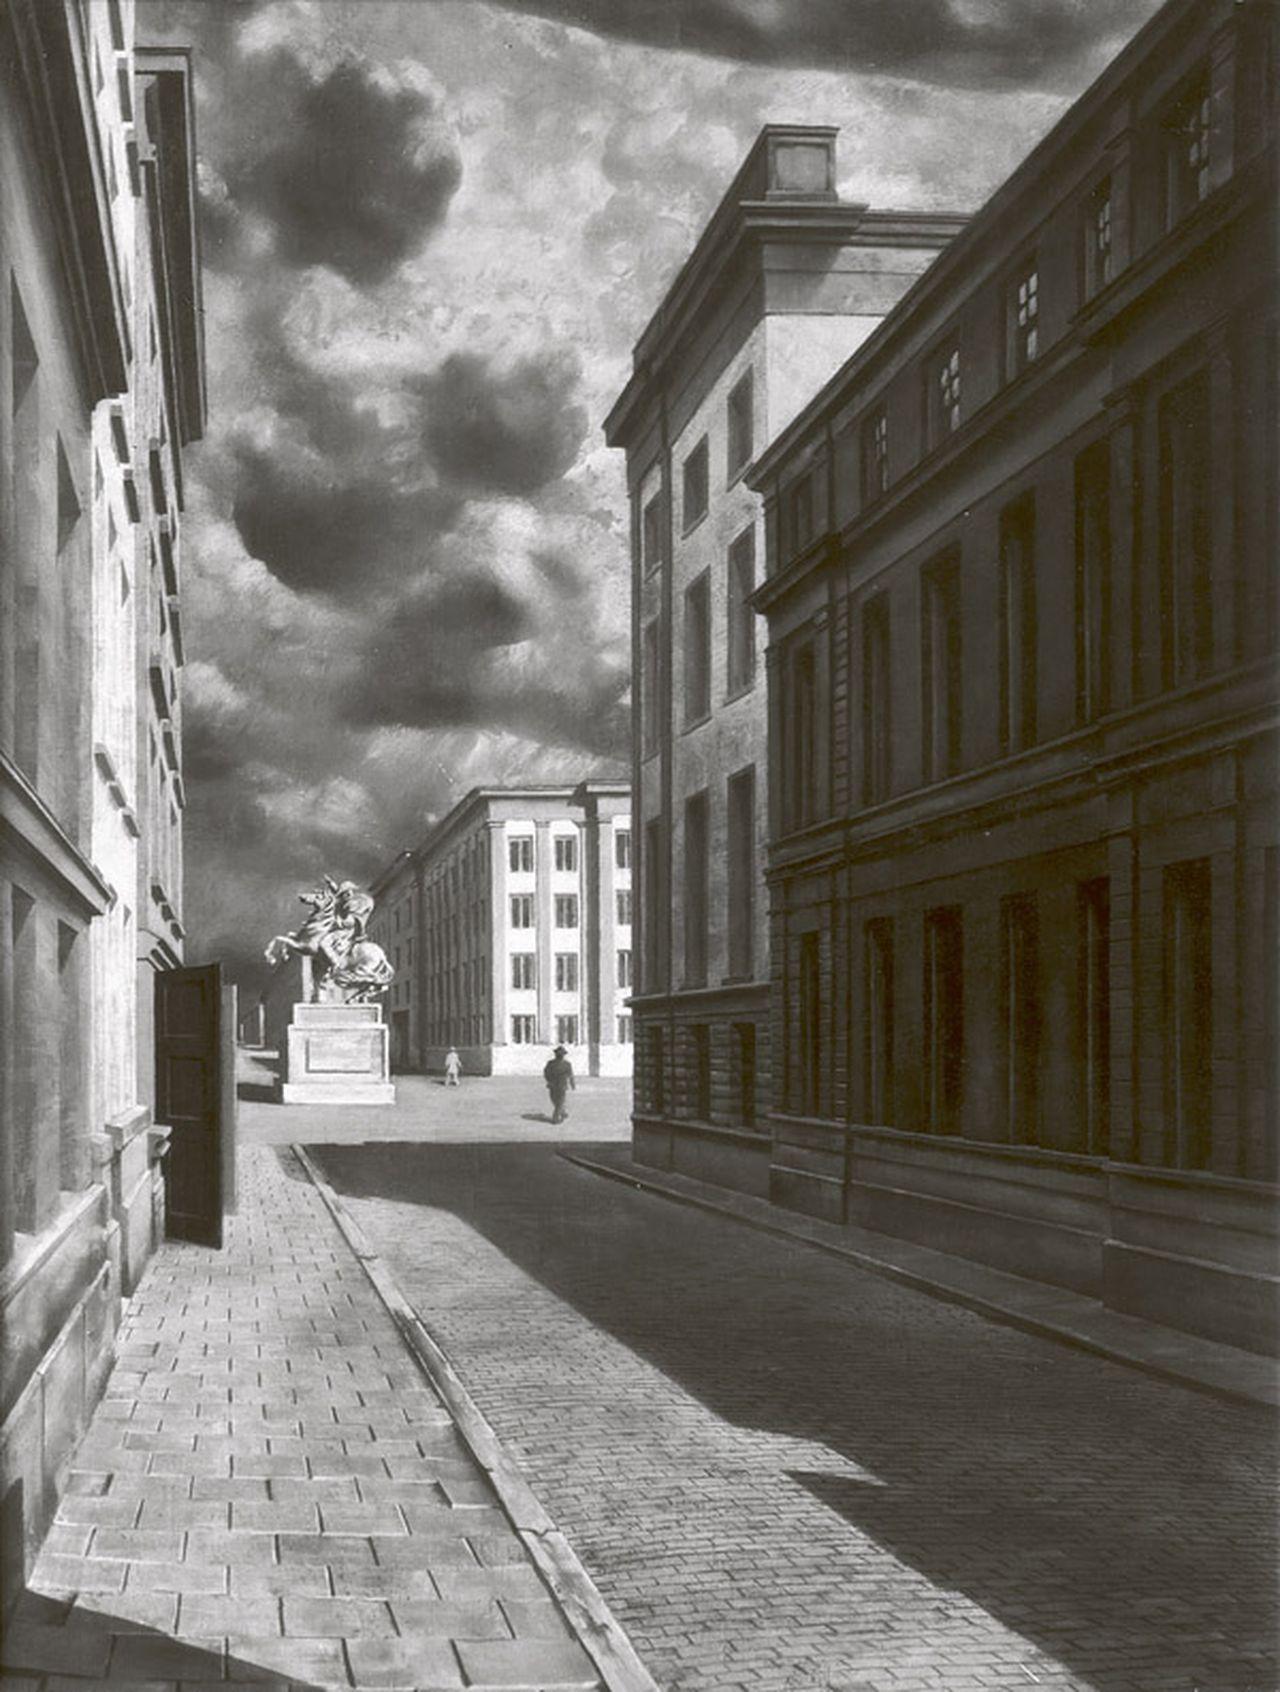 Straat met standbeeld (1934), Nieuwe Spiegelstraat 1-9, richting Herengracht (schilderij)